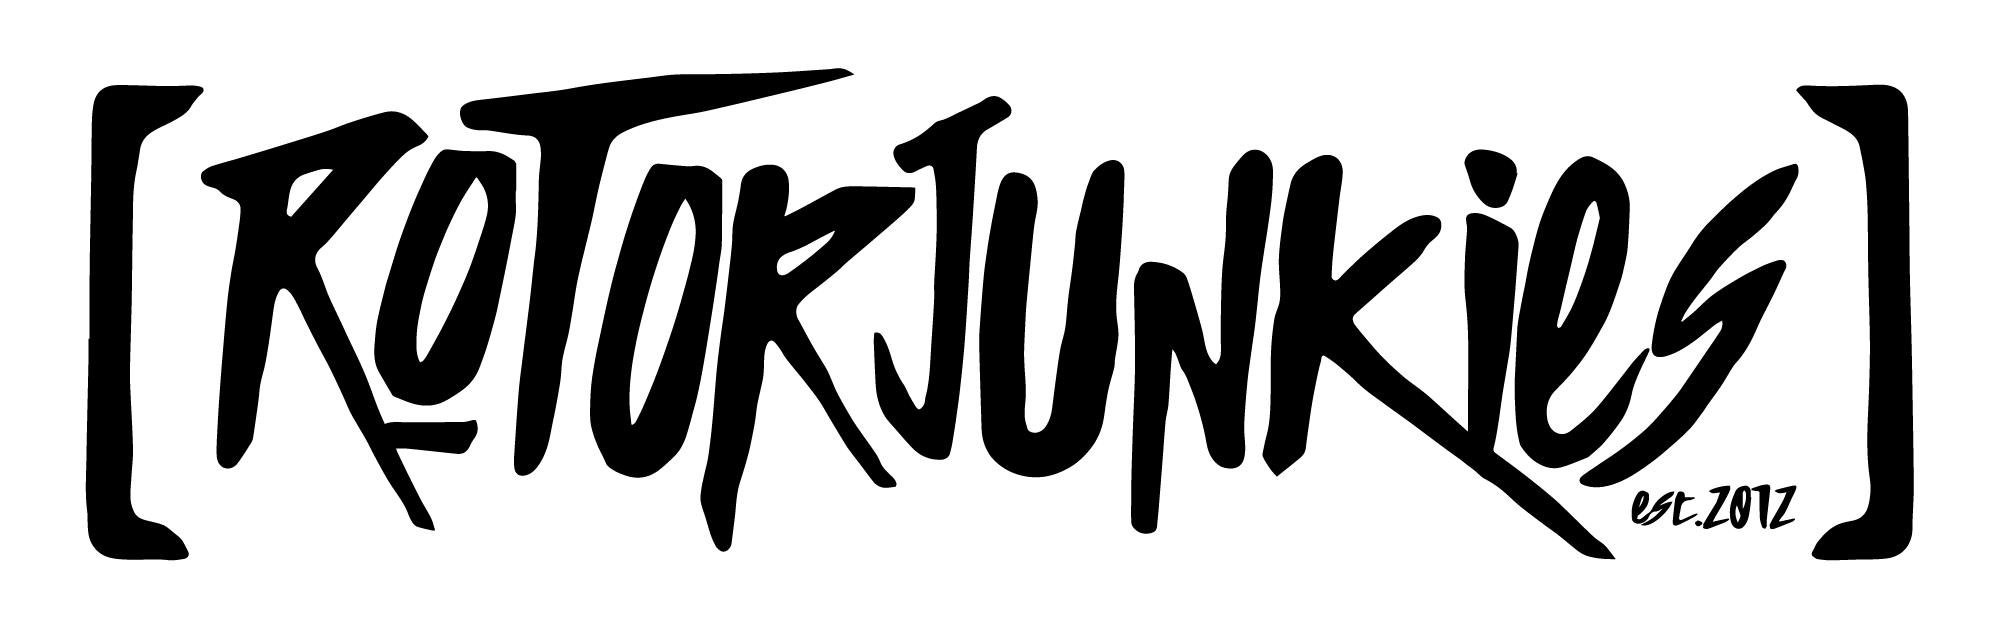 Rotorjunkies - der FPV Racing & Drohnen Blog von Daniel Wolf